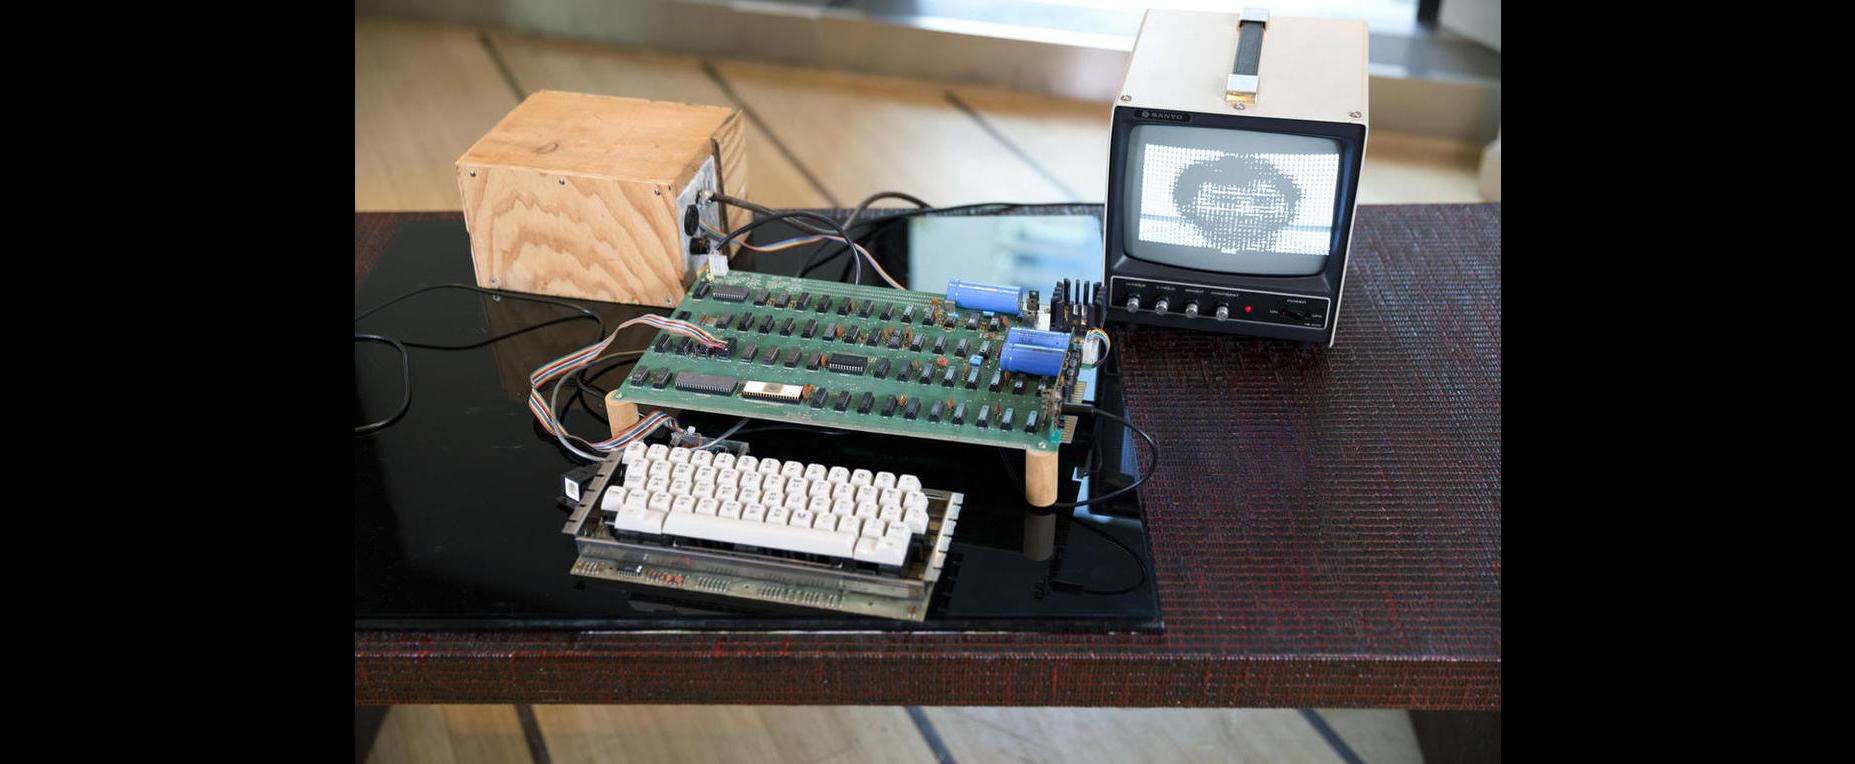 O Apple 1 foi o primeiro computador pessoal pré-montado a ser vendido; 50 unidades do primeiro PC foram feitas a mão por Steve Wozniak Foto: Bonhams/Divulgação